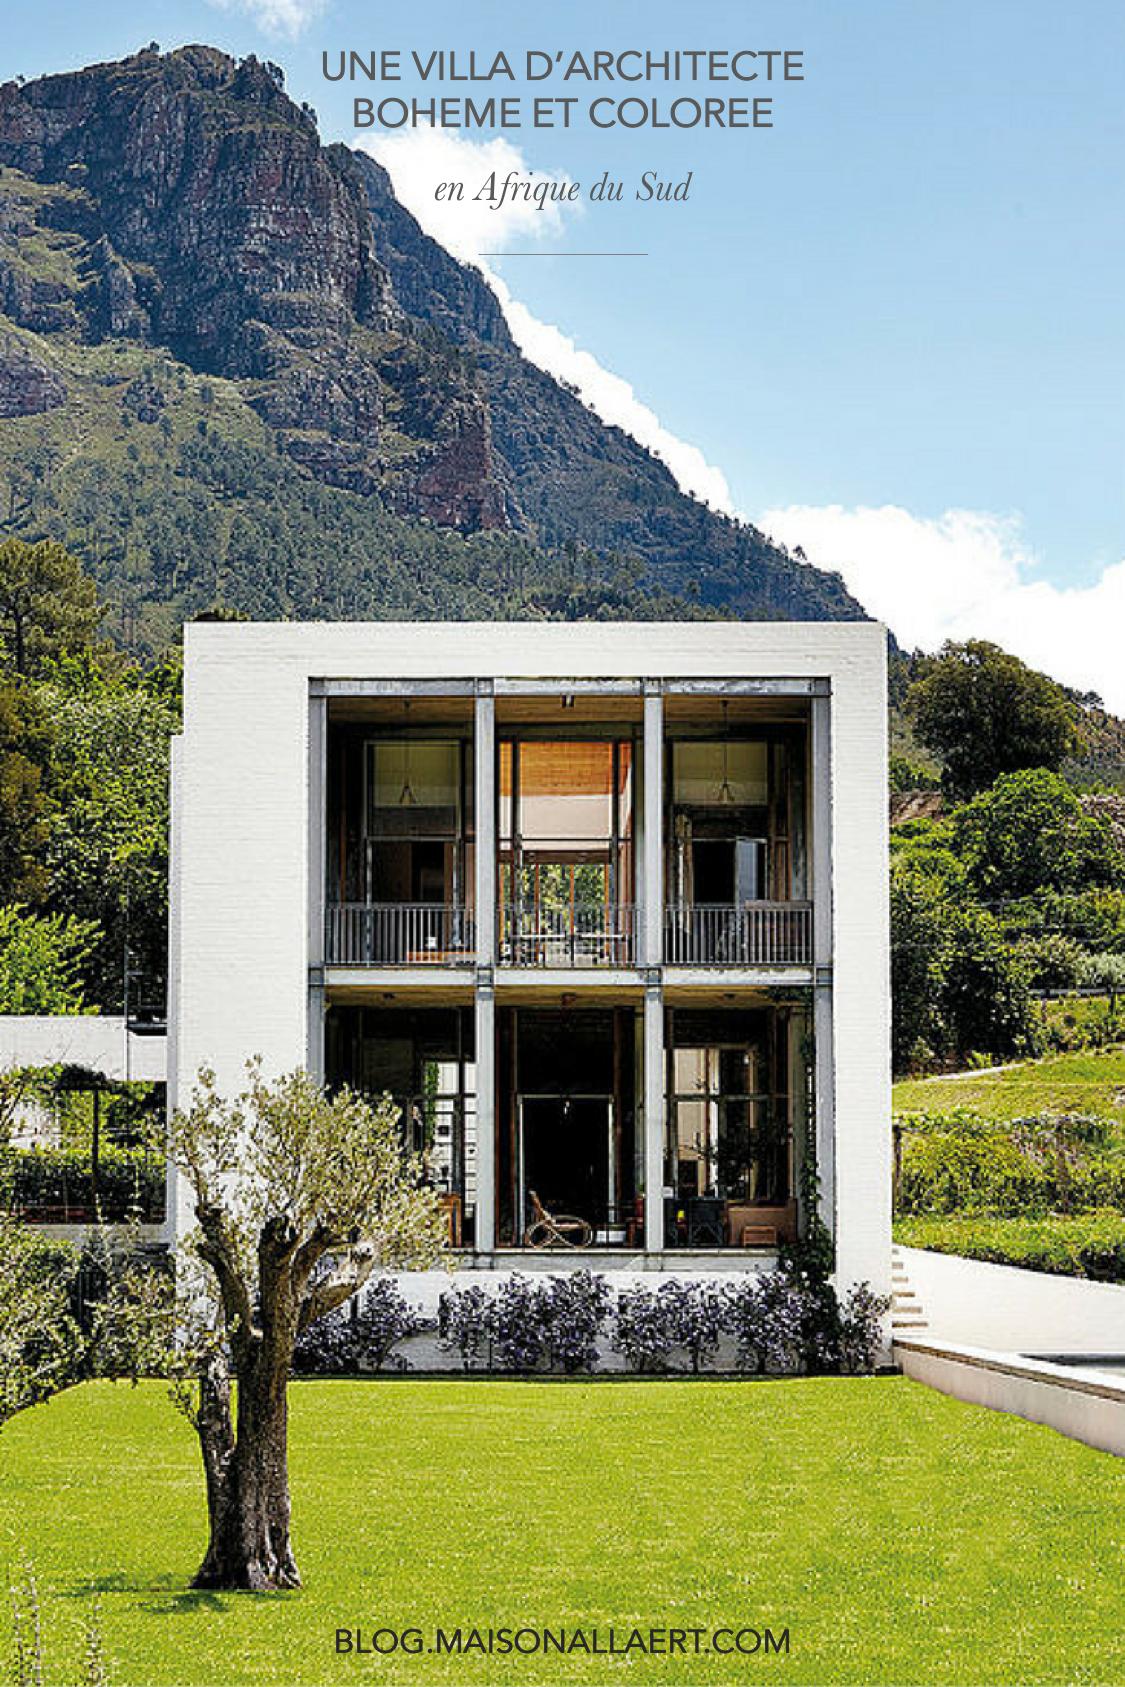 Découvrez toutes les photos de cette villa d'architecte, bohème et colorée